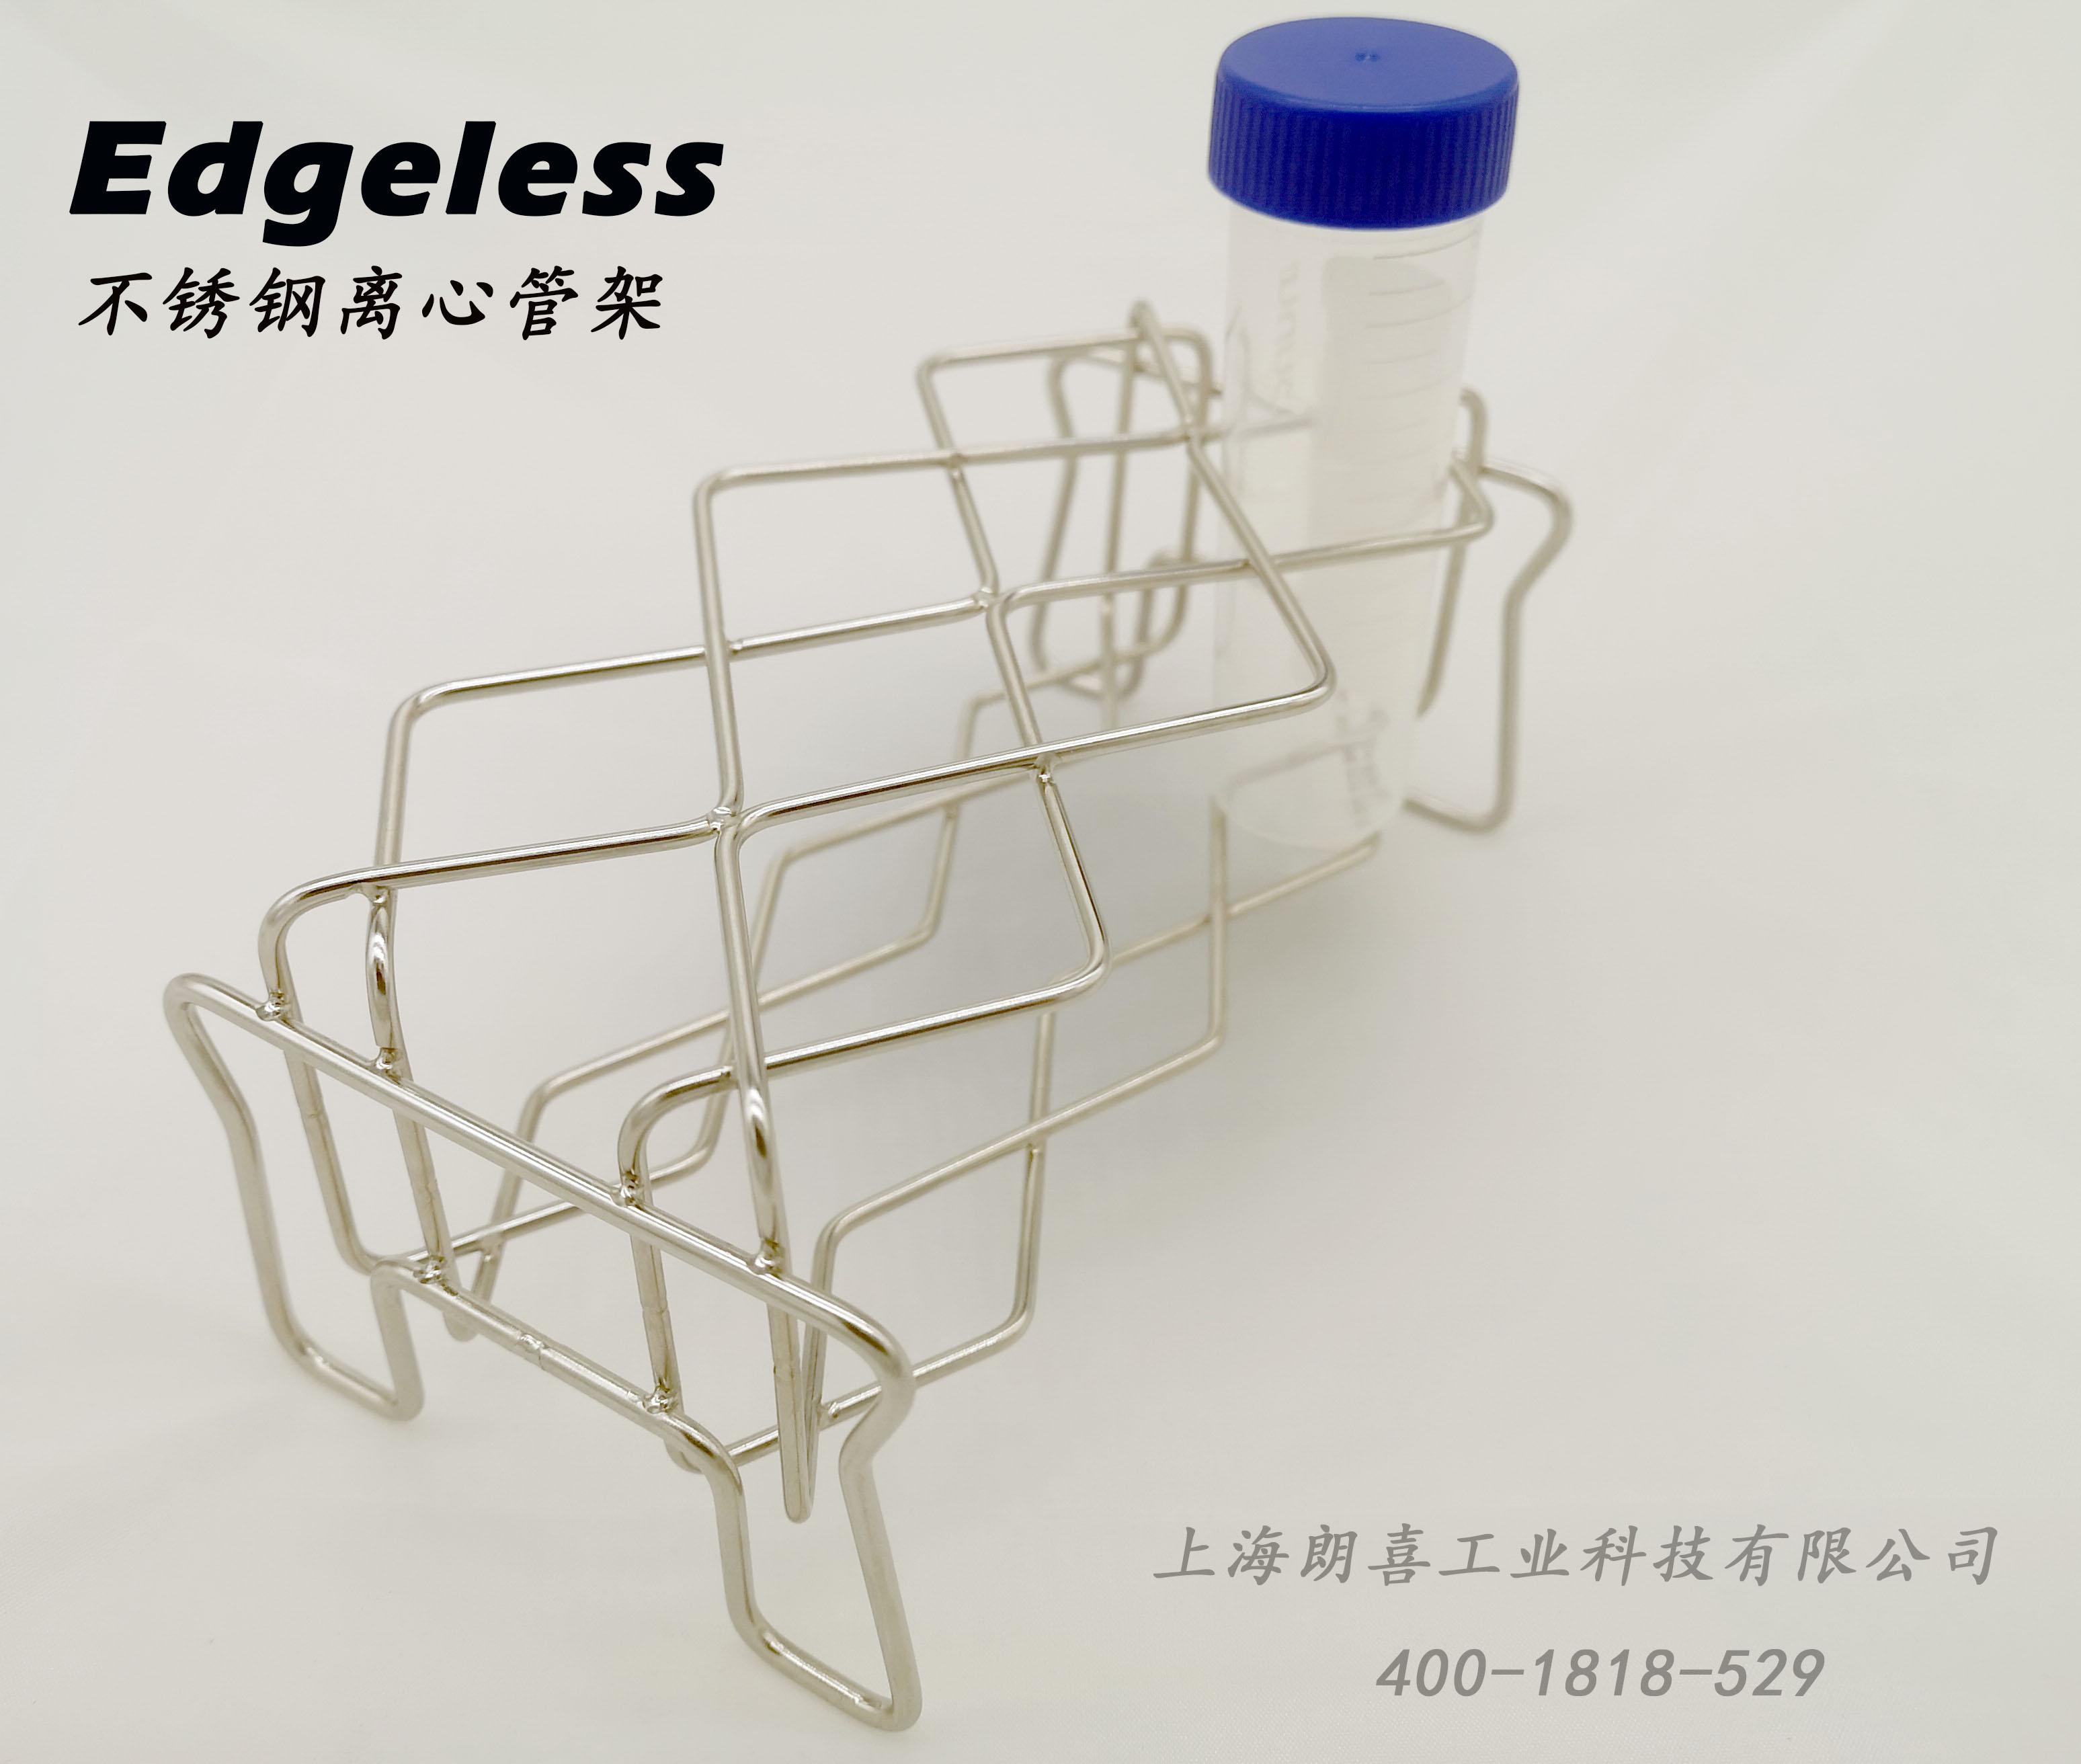 Edgeless不锈钢离心管架